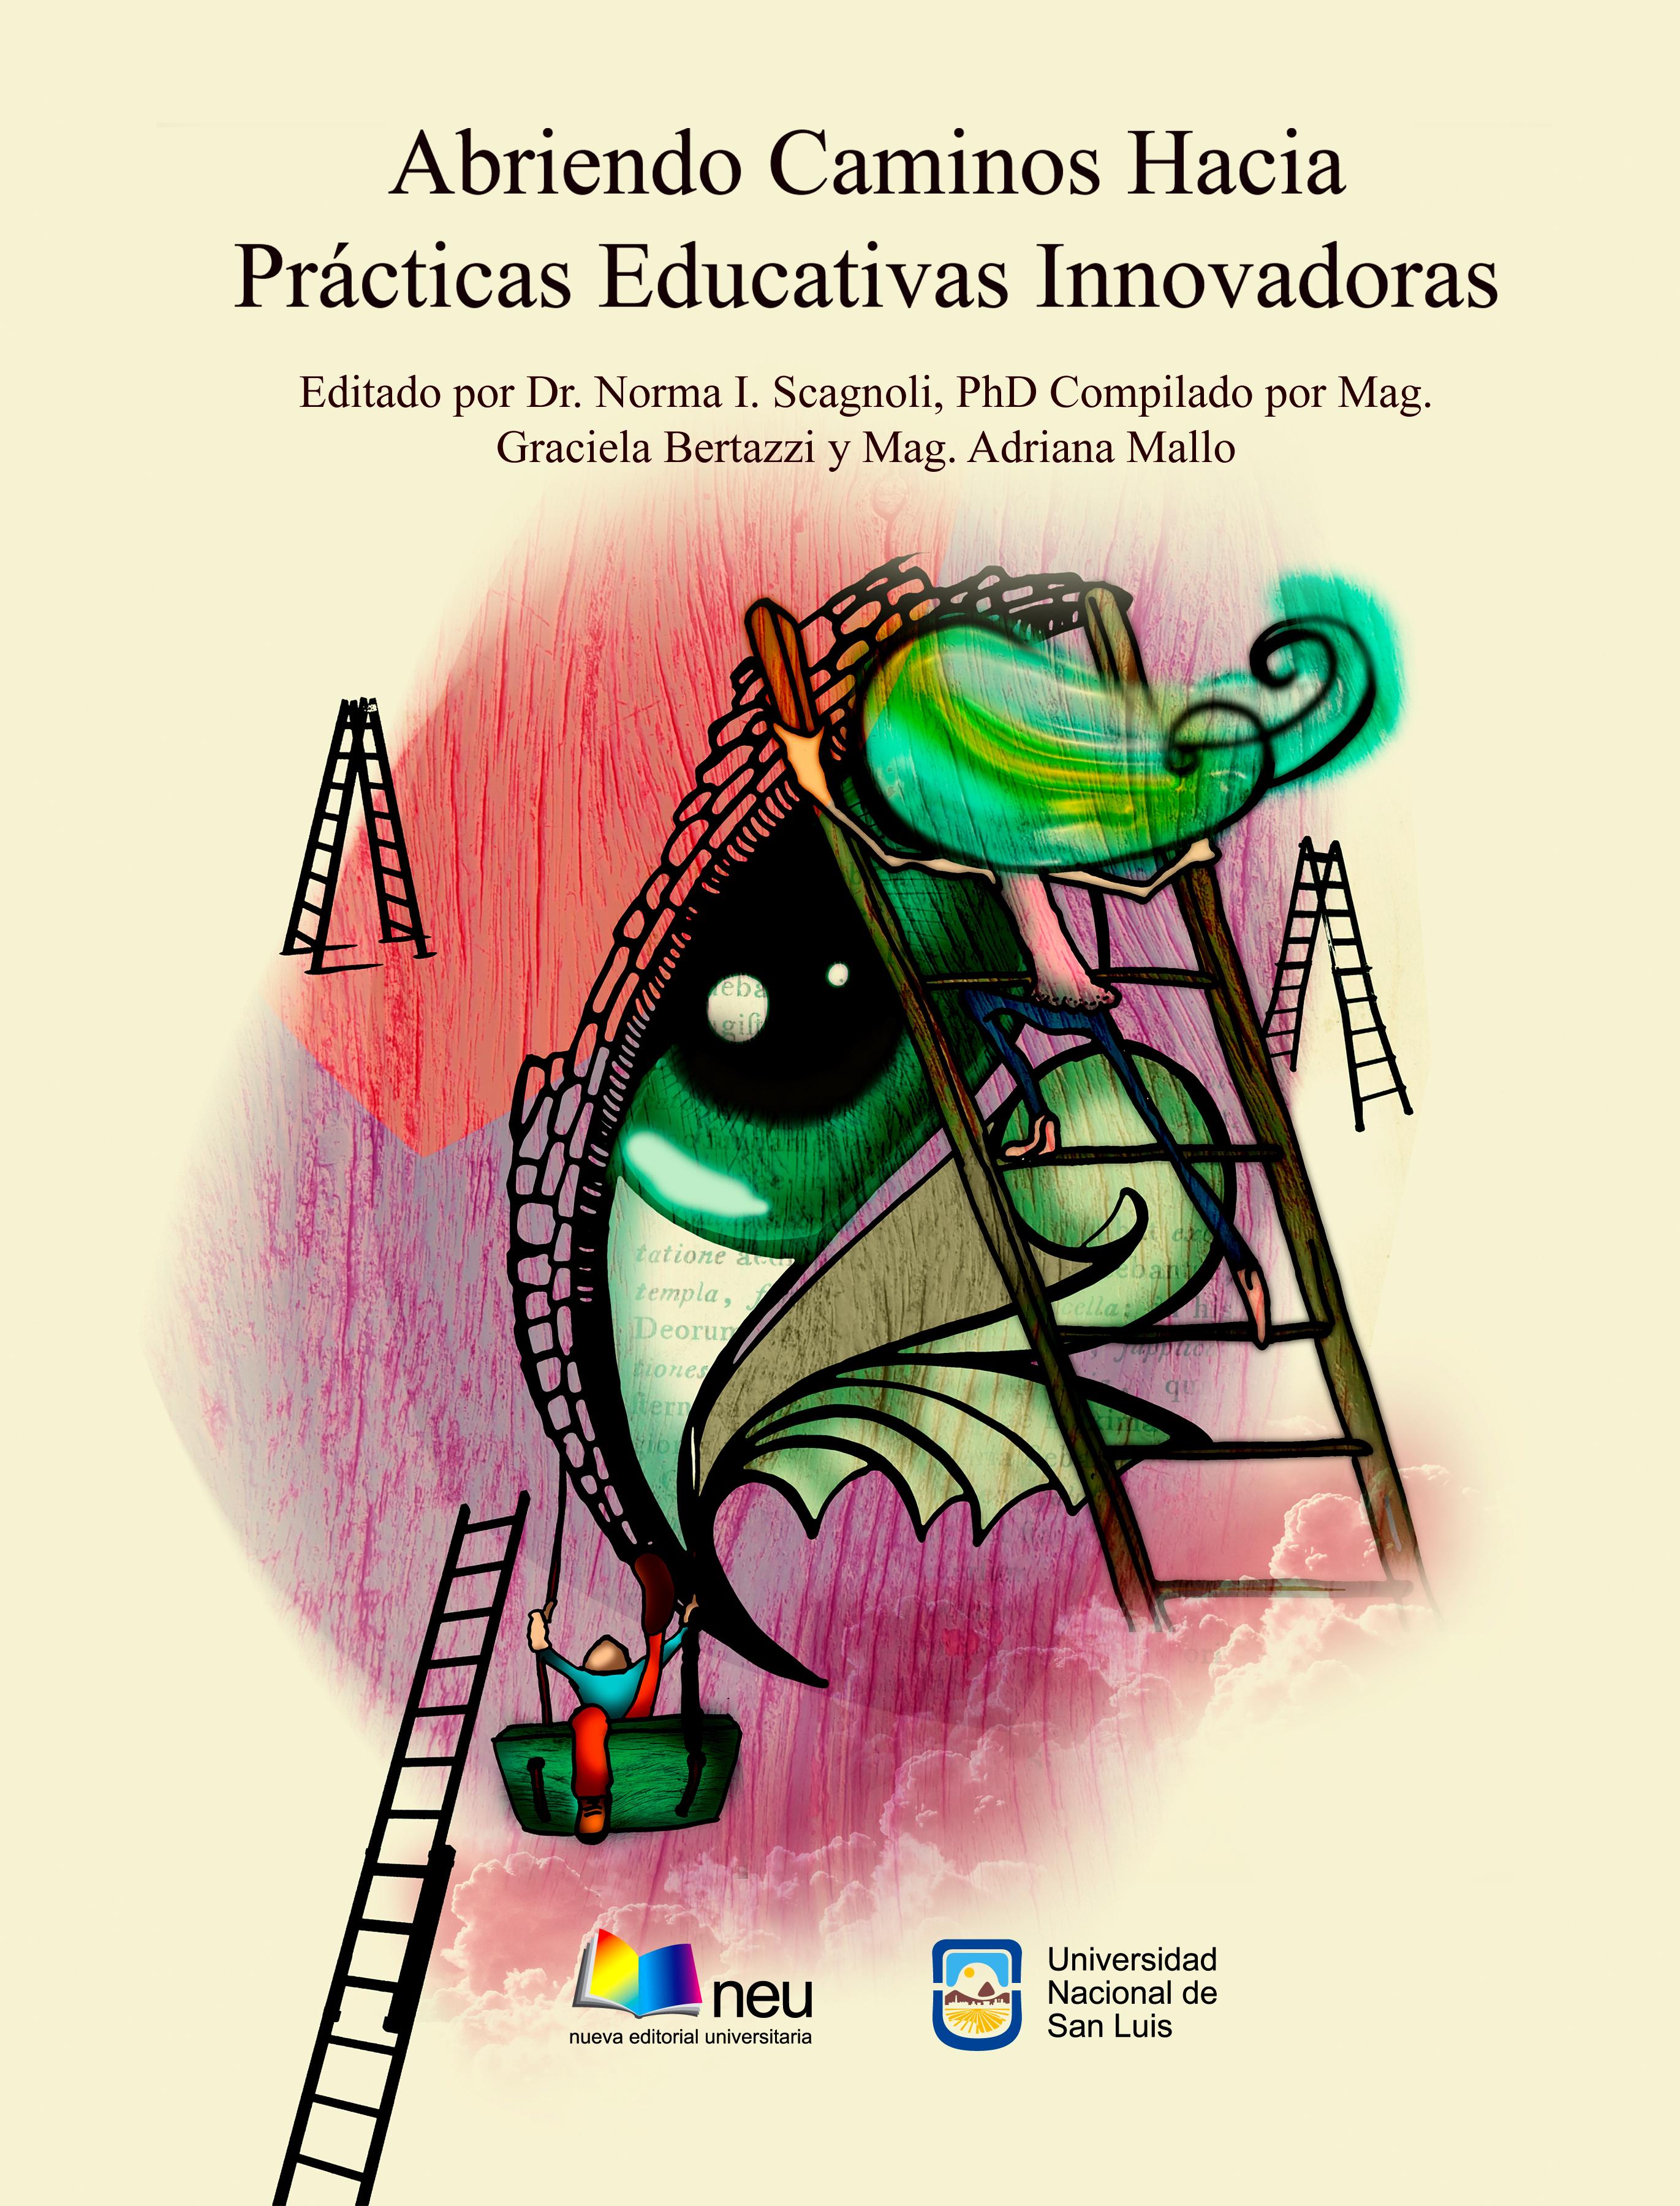 Abriendo Caminos a Prácticas Educativas Innovadoras